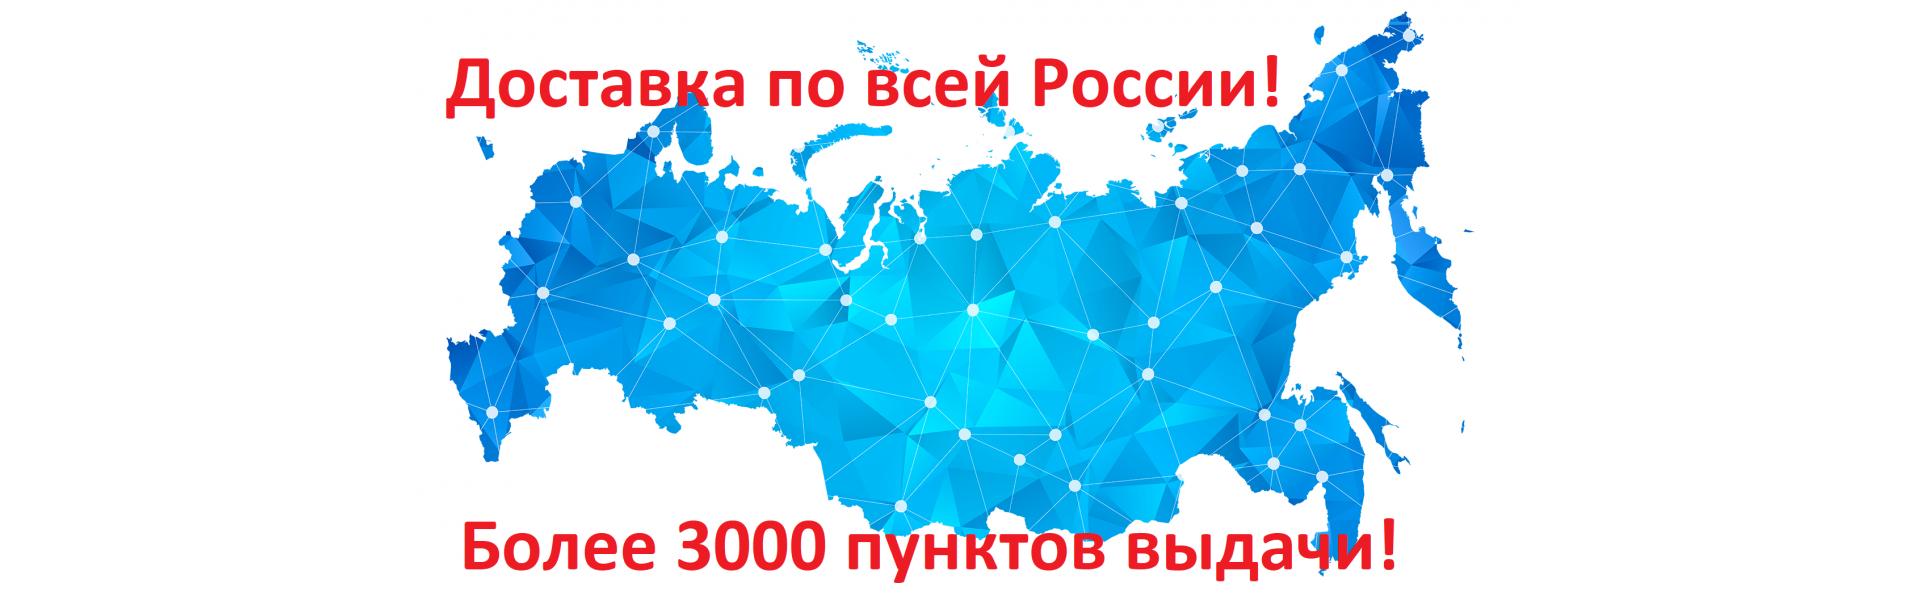 Более 3000 пунктов выдачи!!!